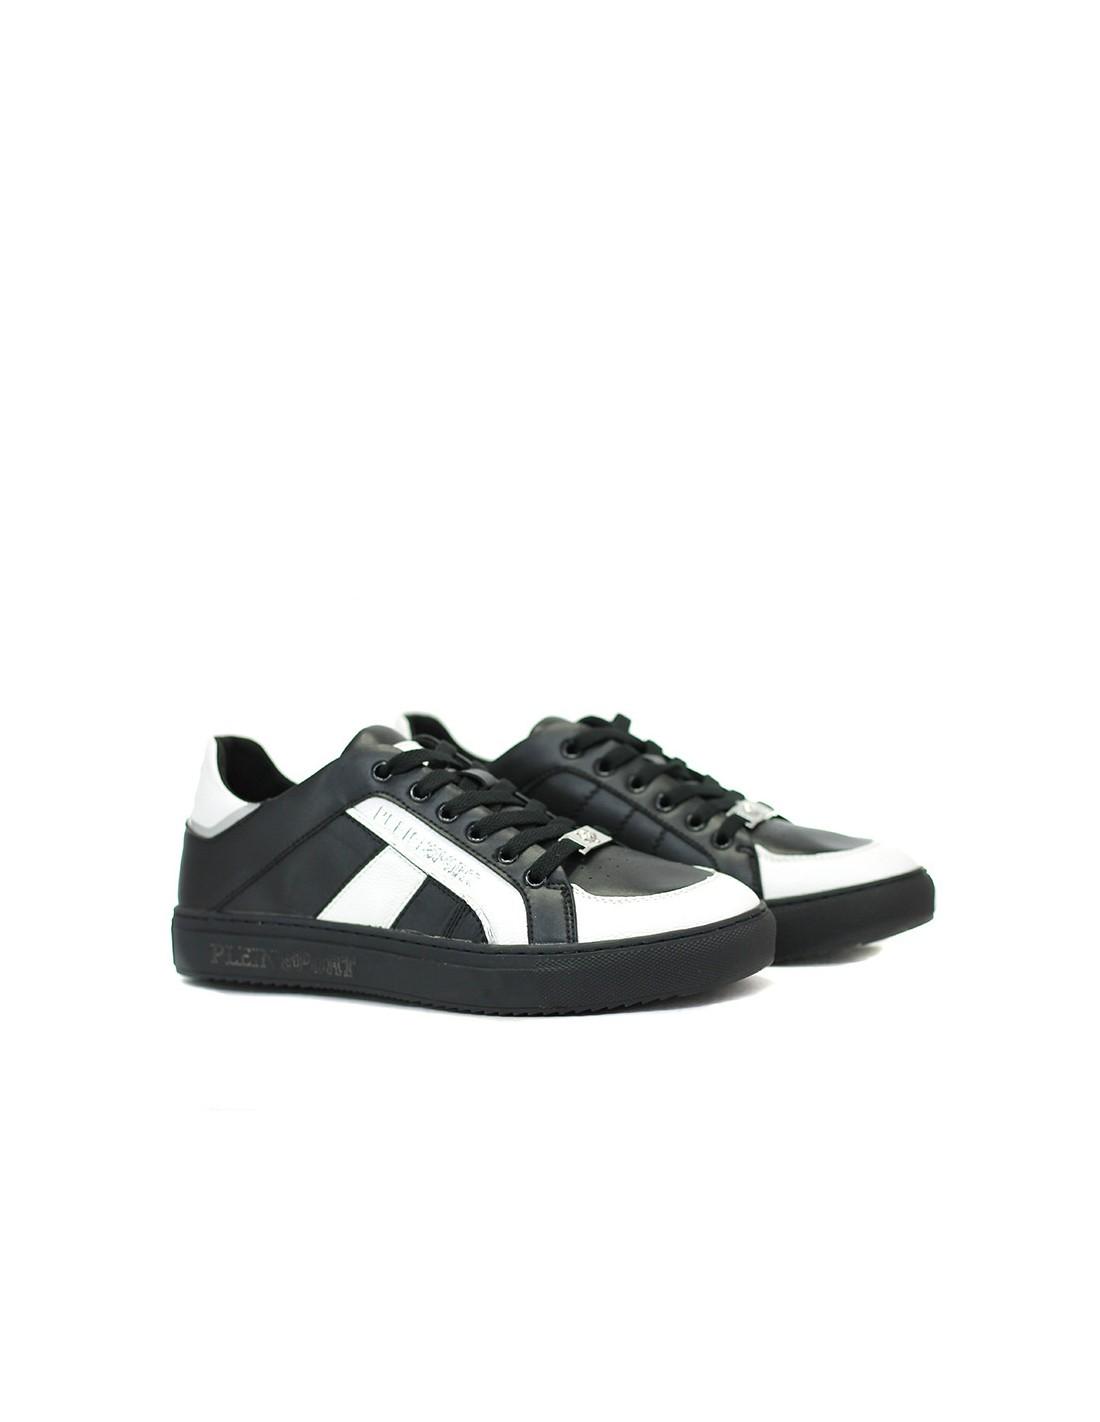 Le nuove sneakers e scarpe Philipp Plein Sport 2246 nero